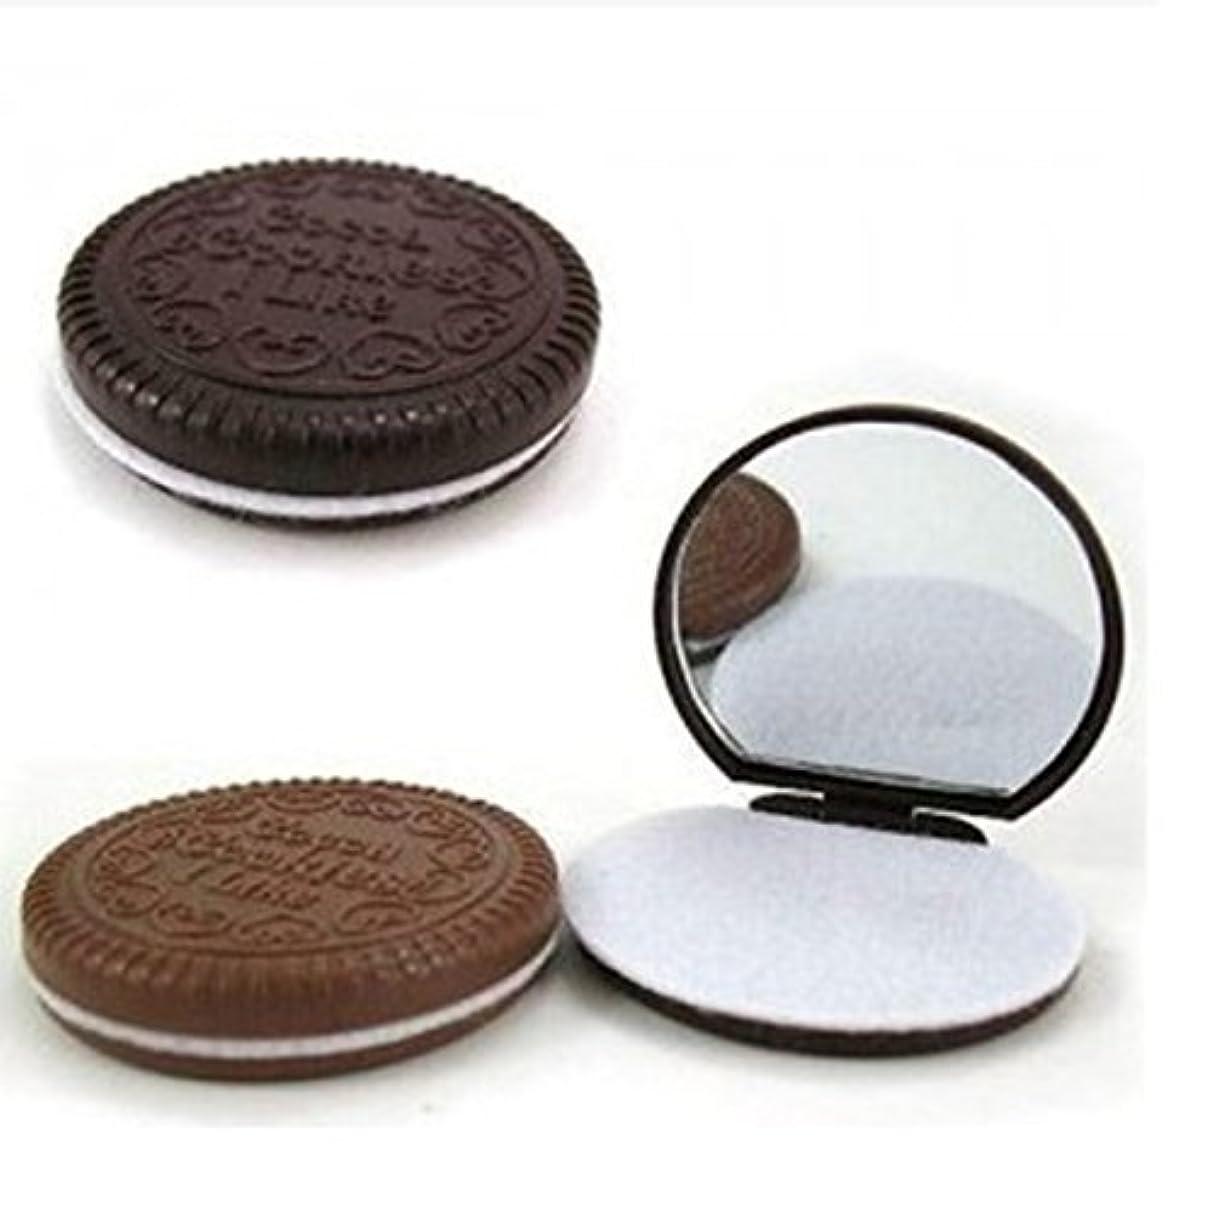 撤退ミリメーター石油3 Pcs Cute Chocolate Makeup Mirror With Comb Women Hand Pocket Compact Makeup Tools Great Gift [並行輸入品]